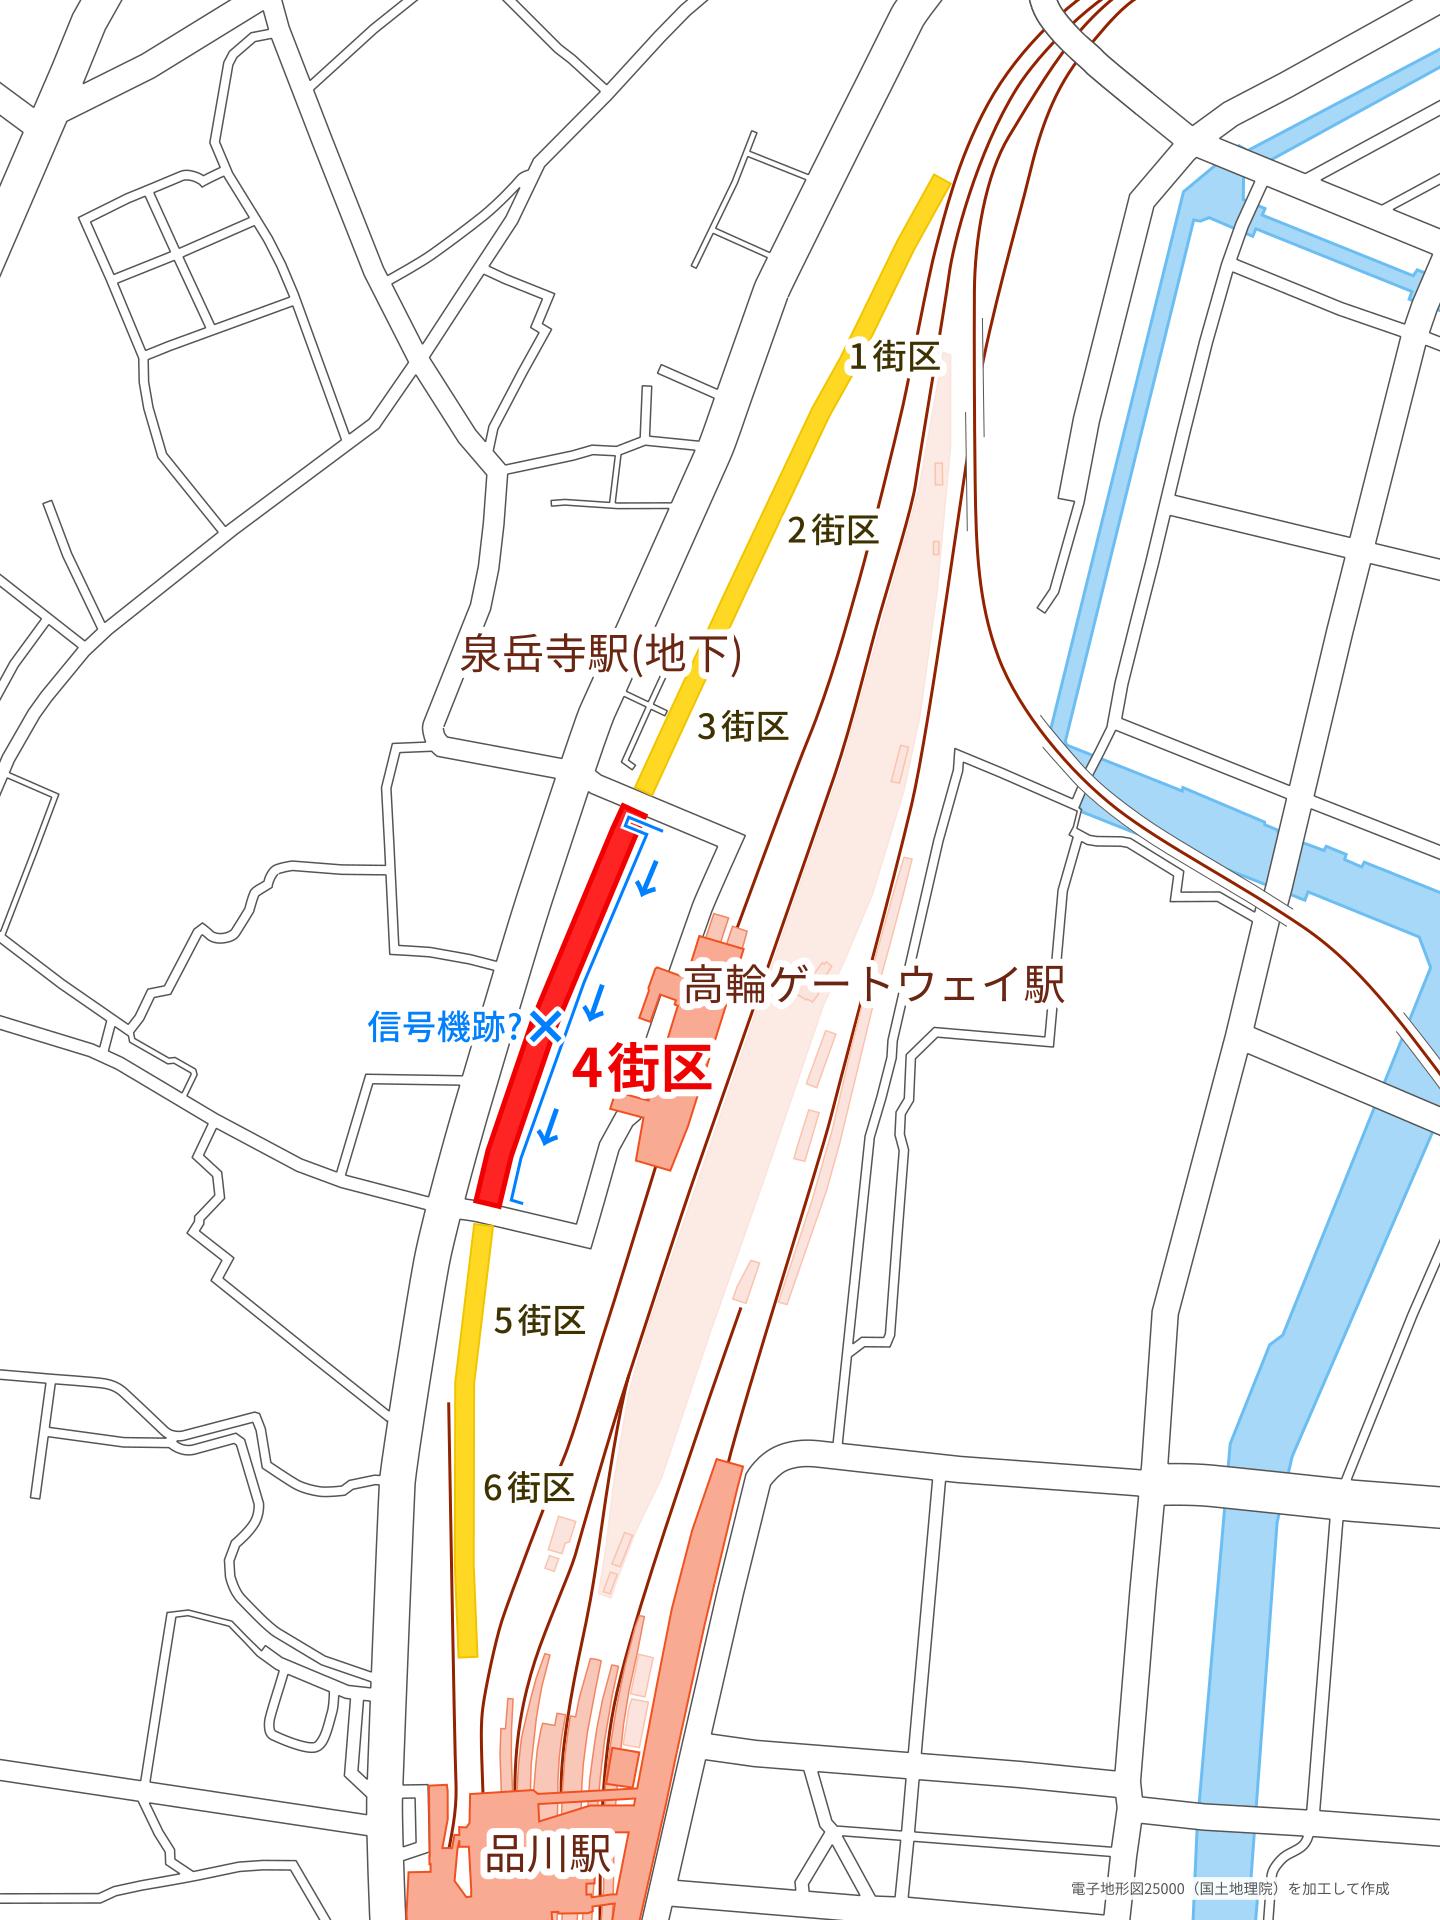 高輪ゲートウェイ駅周辺広域の解説地図